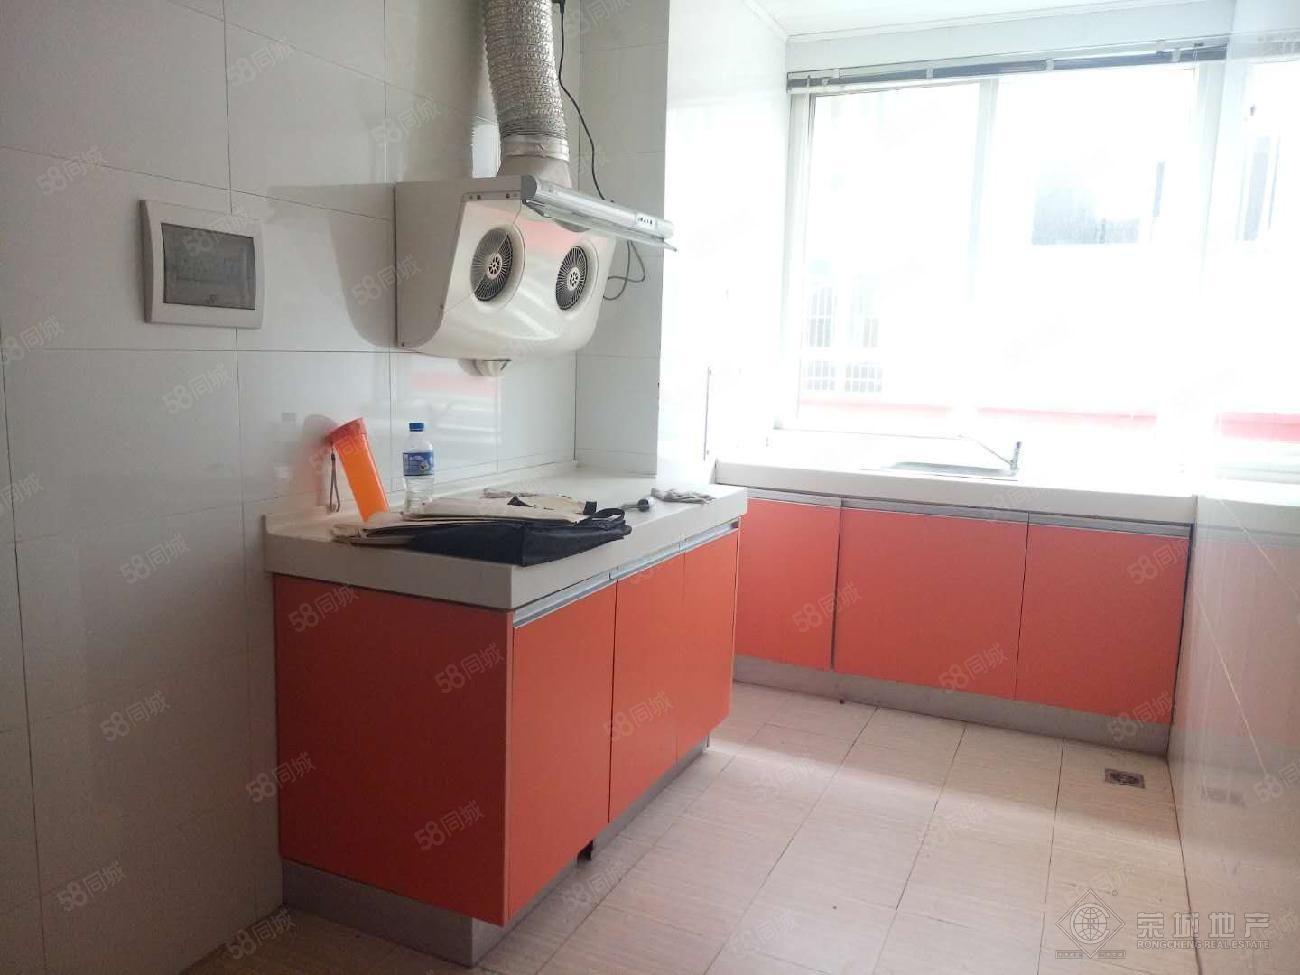 好房澳门金沙平台,居住舒适,富然三区700元1室1厅1卫普通装